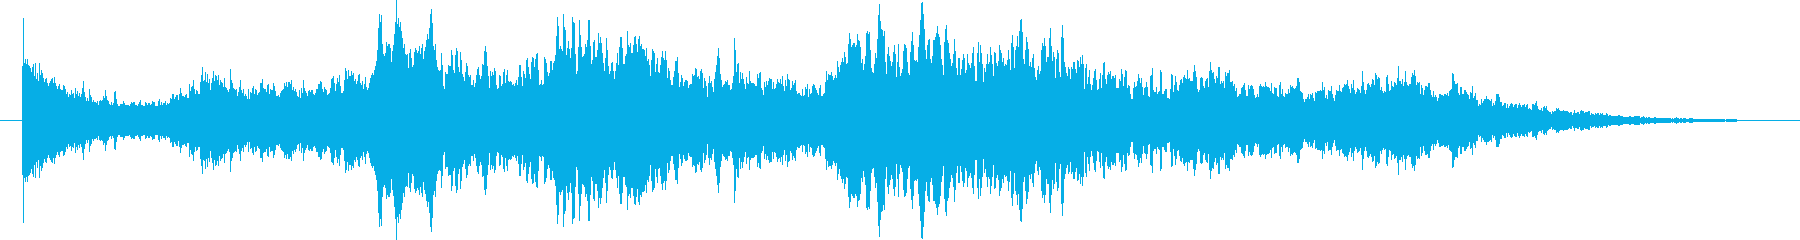 幻想的なシンセサイザーのヒーリング曲Sの再生済みの波形